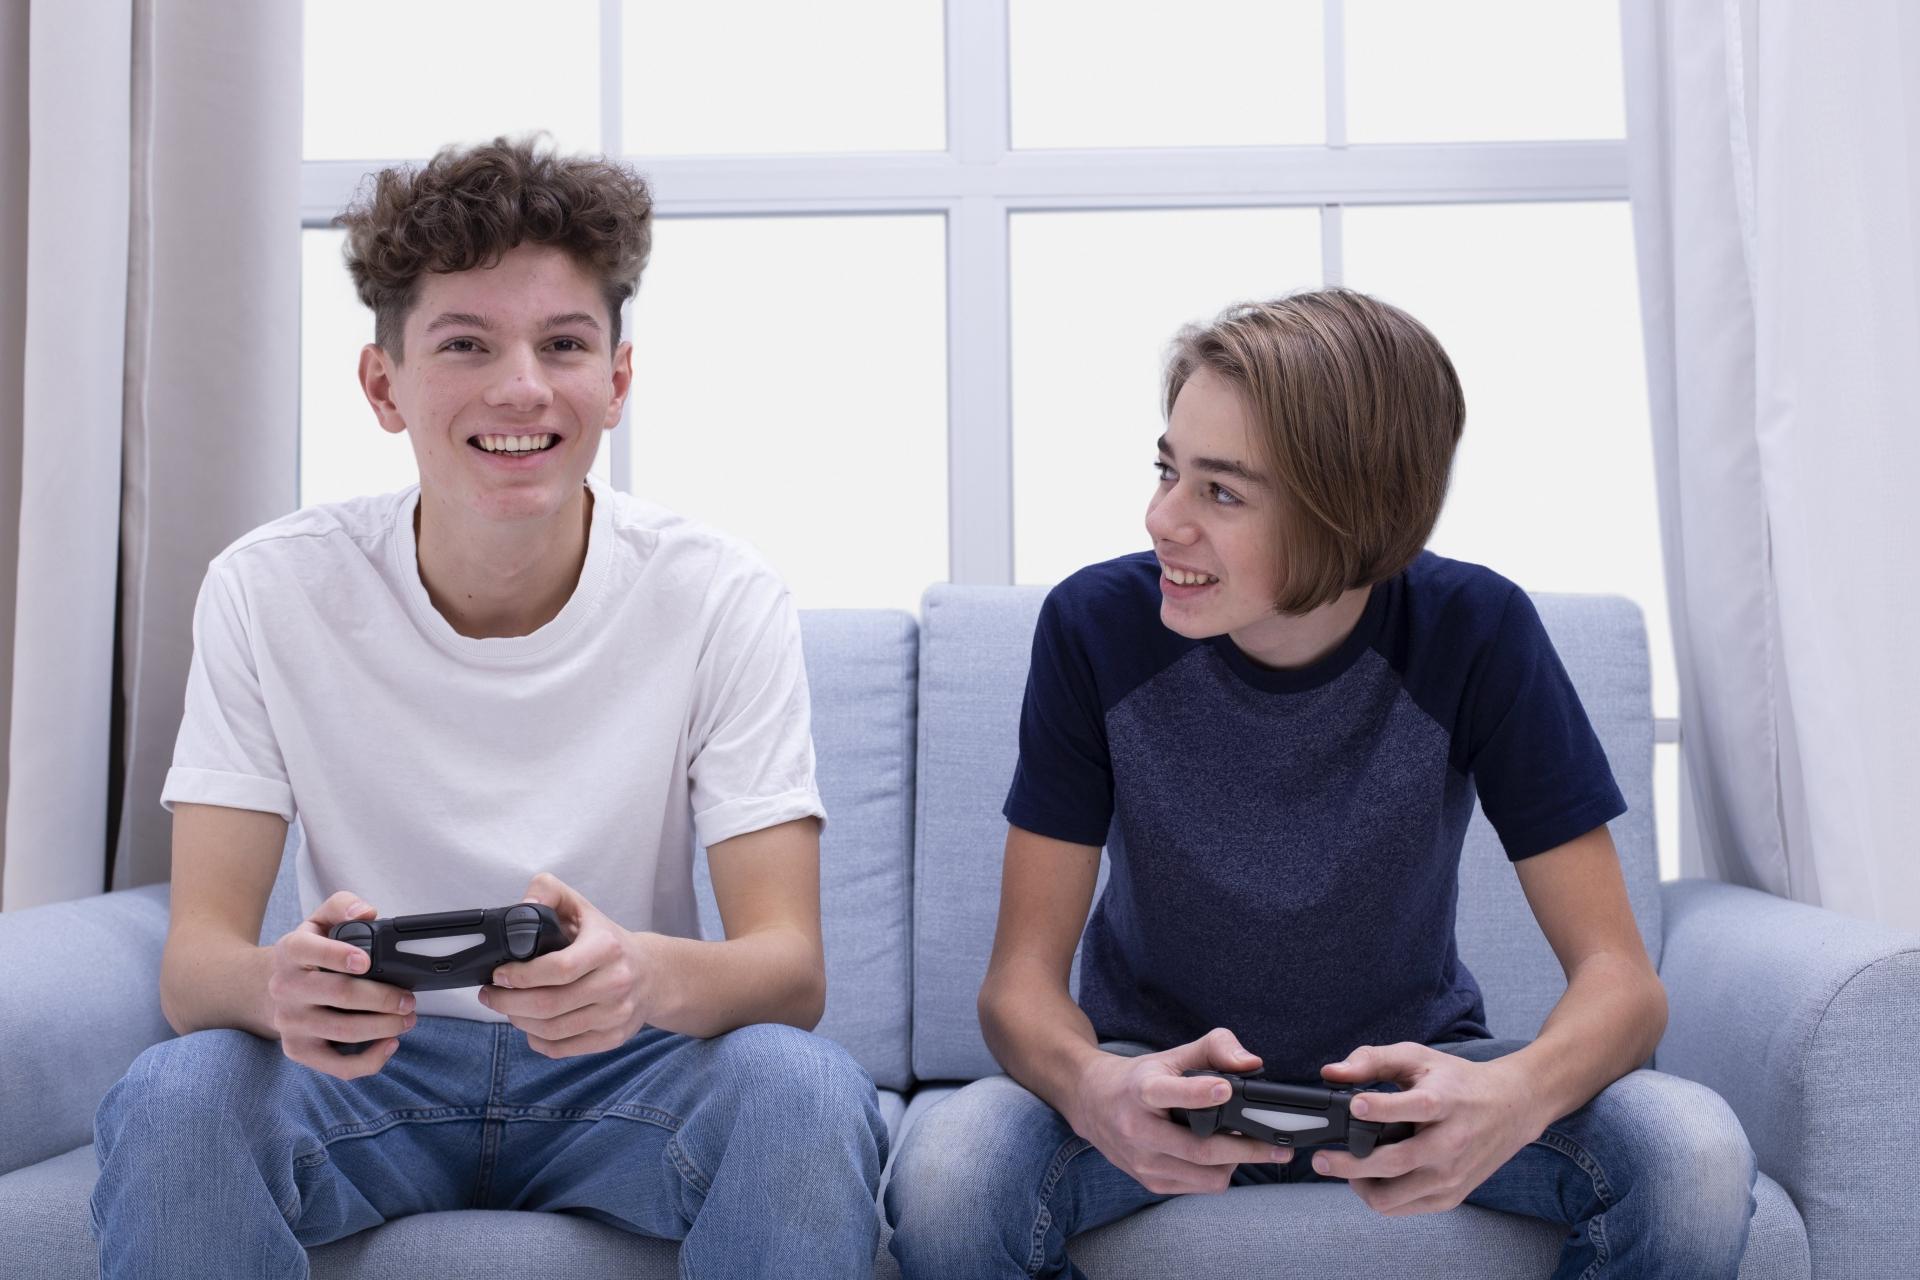 ゲームが好きな女の子と出会える場所はどこ?のキービジュアル